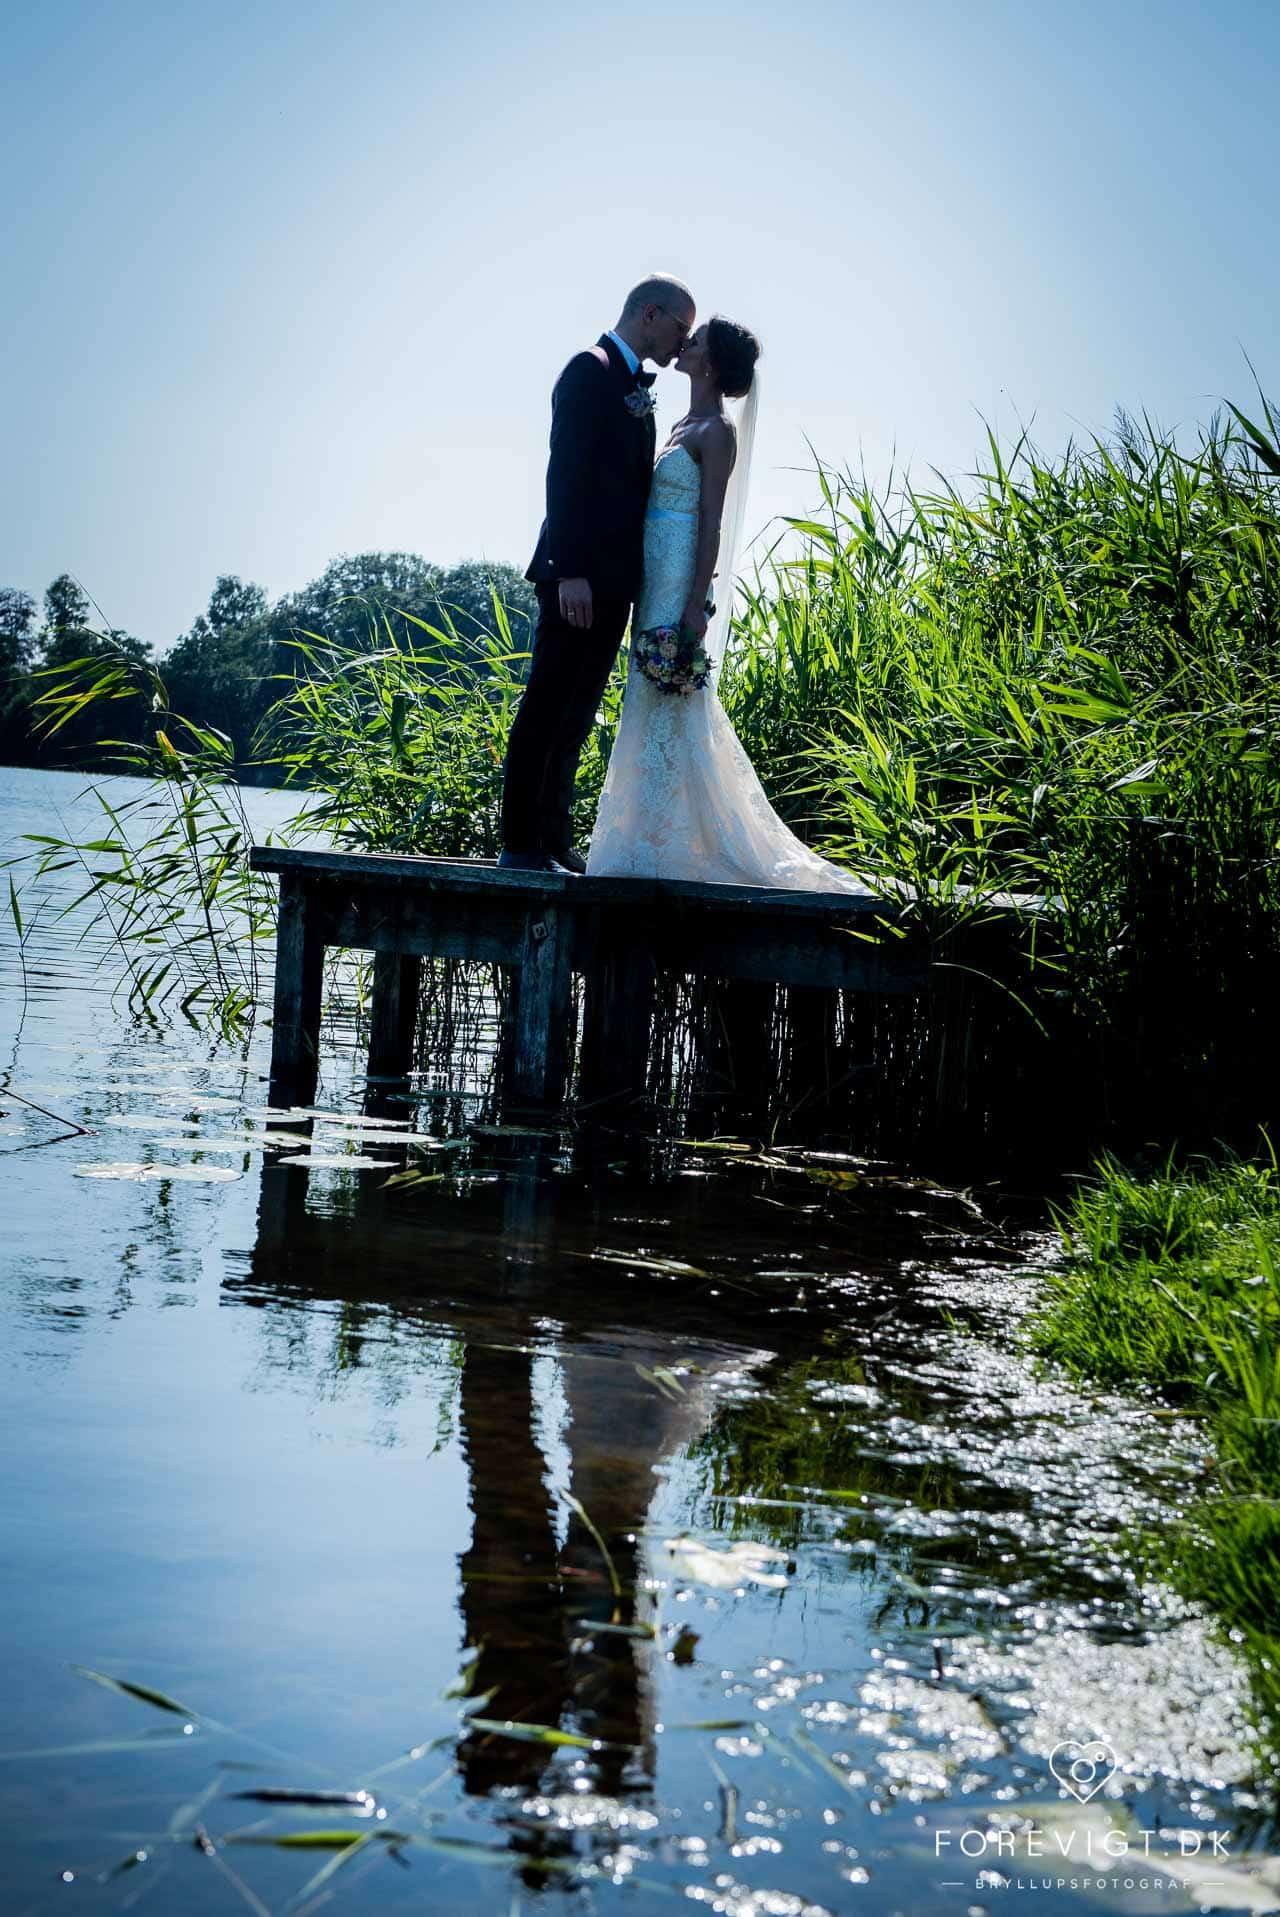 Billeder af bryllup badehotel sjælland